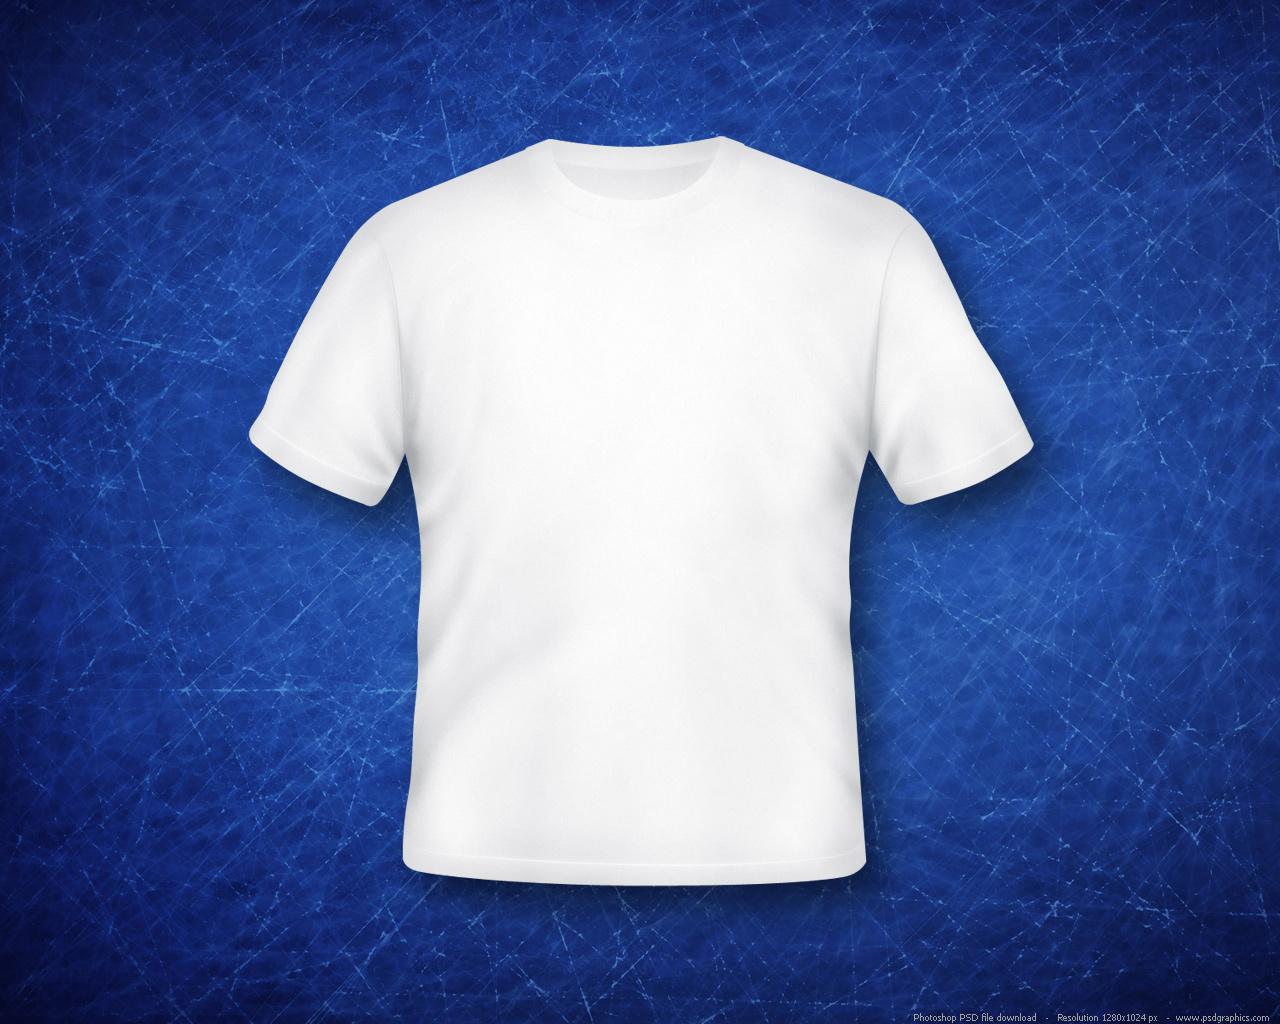 tshirt designs blank t shirts